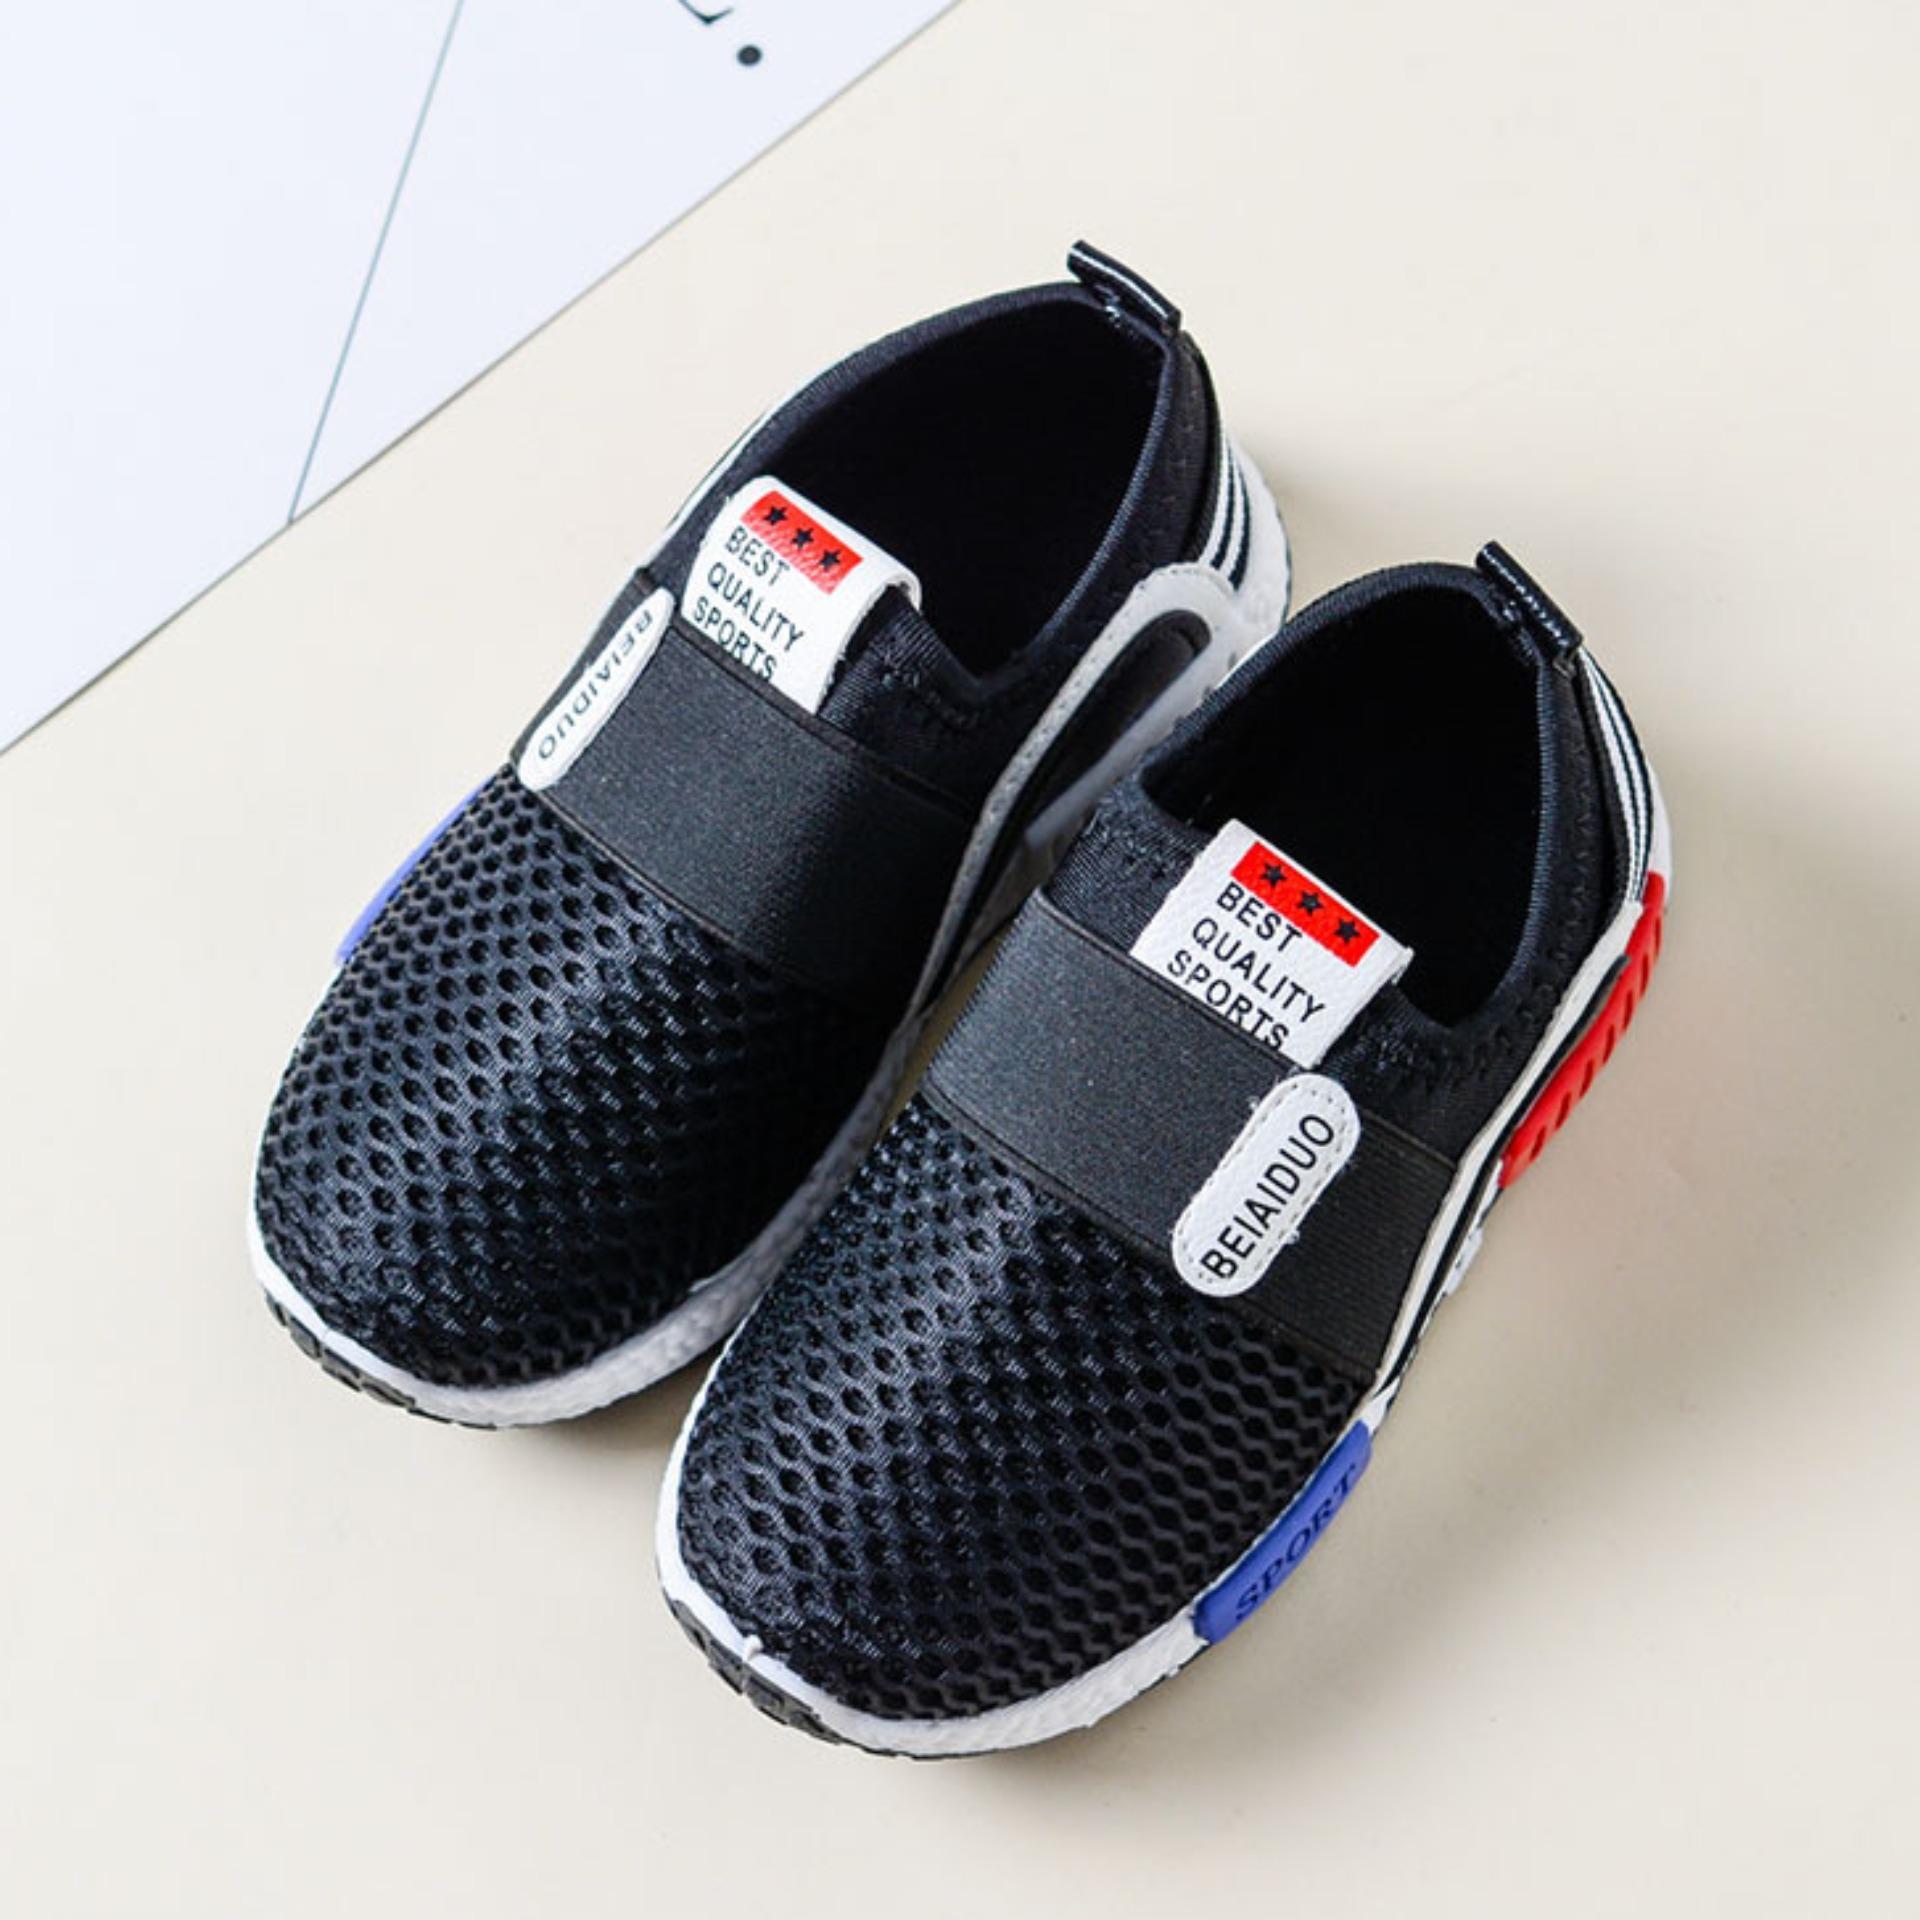 Giày thể thao siêu nhẹ cho bé – Size 26 đến 37- Best Quality